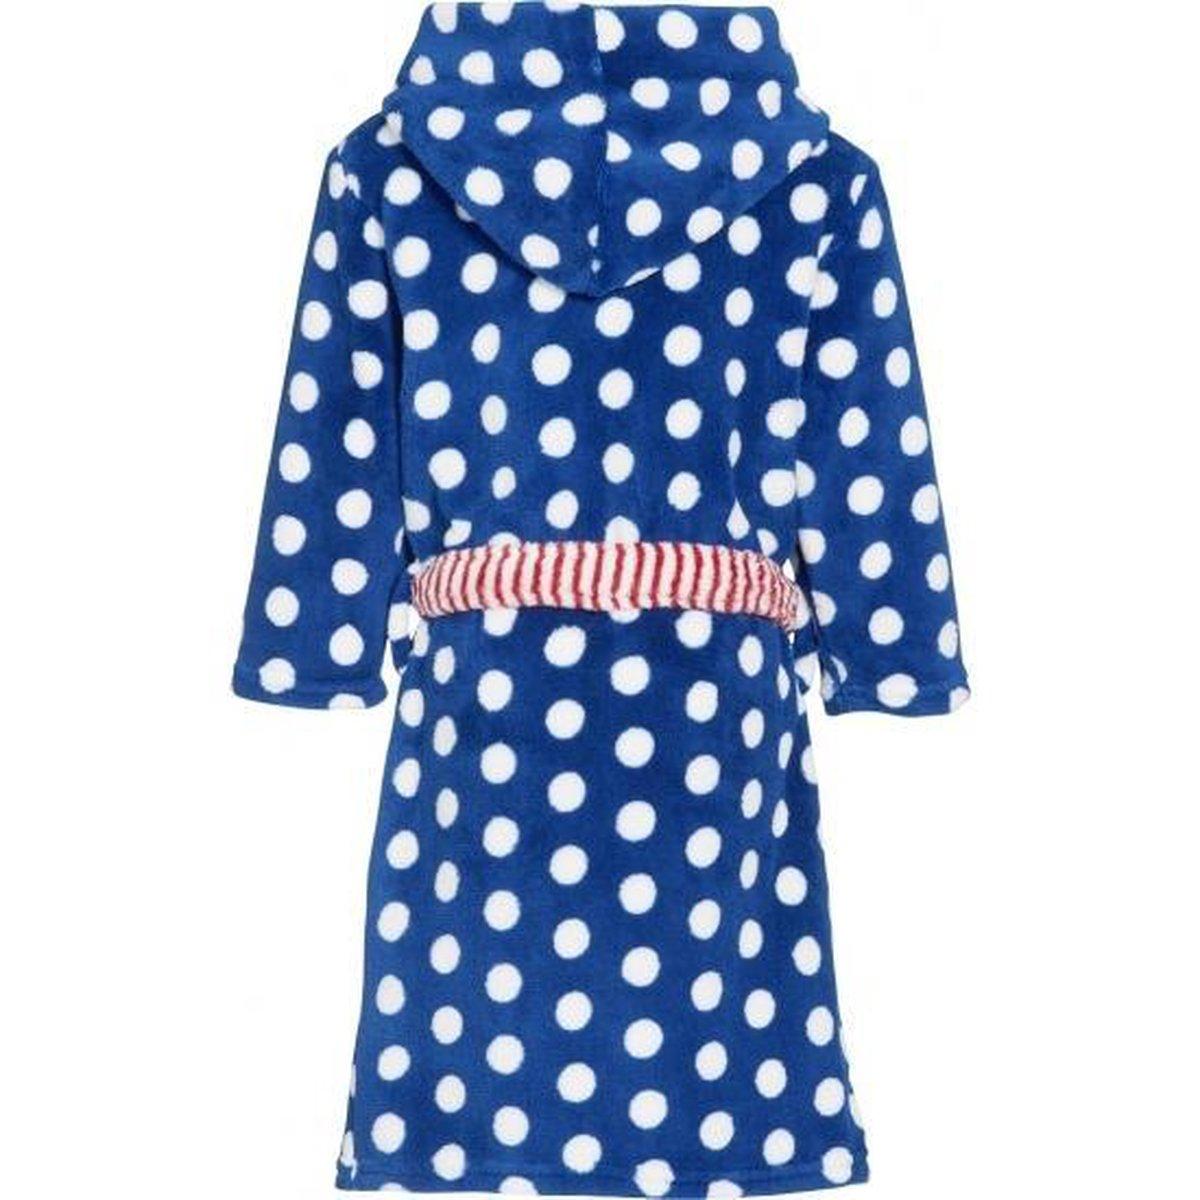 Blauwe badjasochtendjas met witte stippen print voor kinderen. 98104 (4 5 jr)